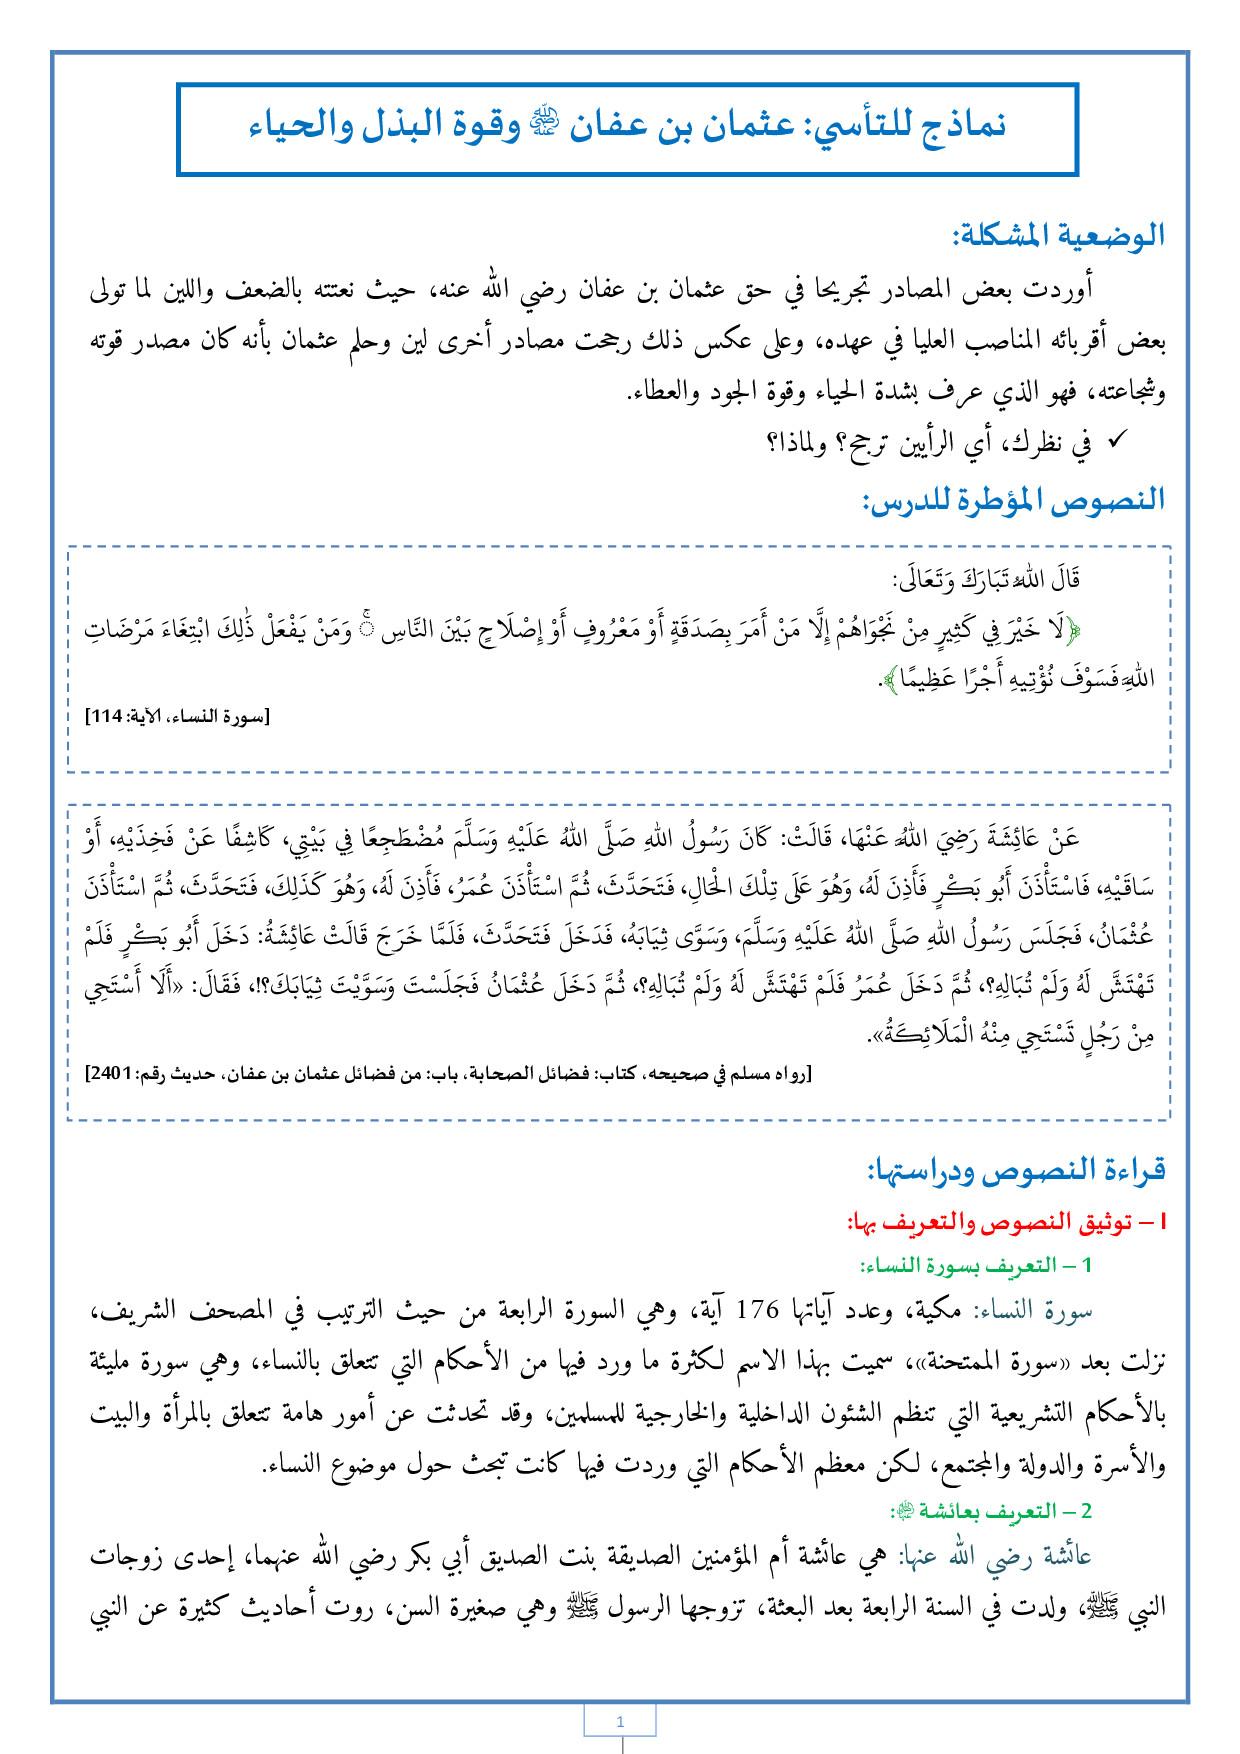 نماذج للتأسي عثمان بن عفان وقوة البذل والحياء الدرس Alloschool